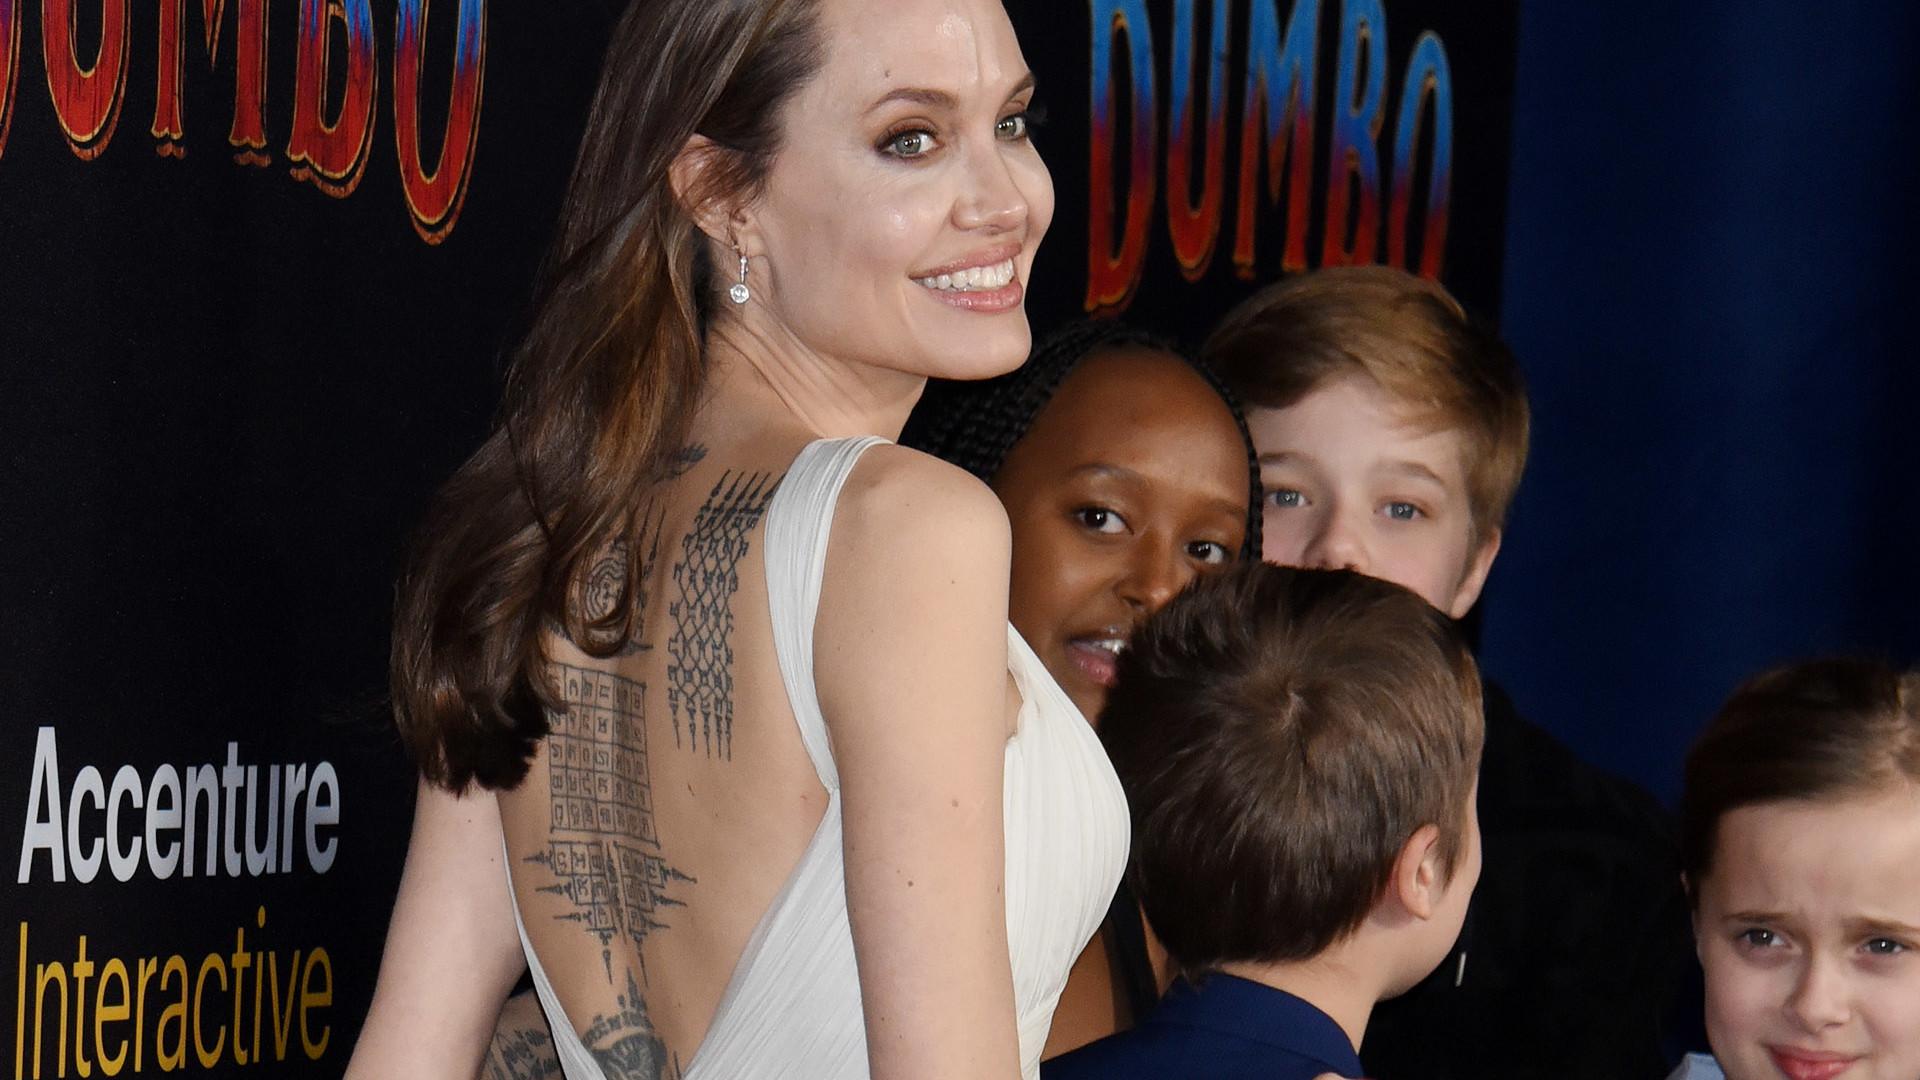 Roześmiana Angelina Jolie z dziećmi na premierze filmu